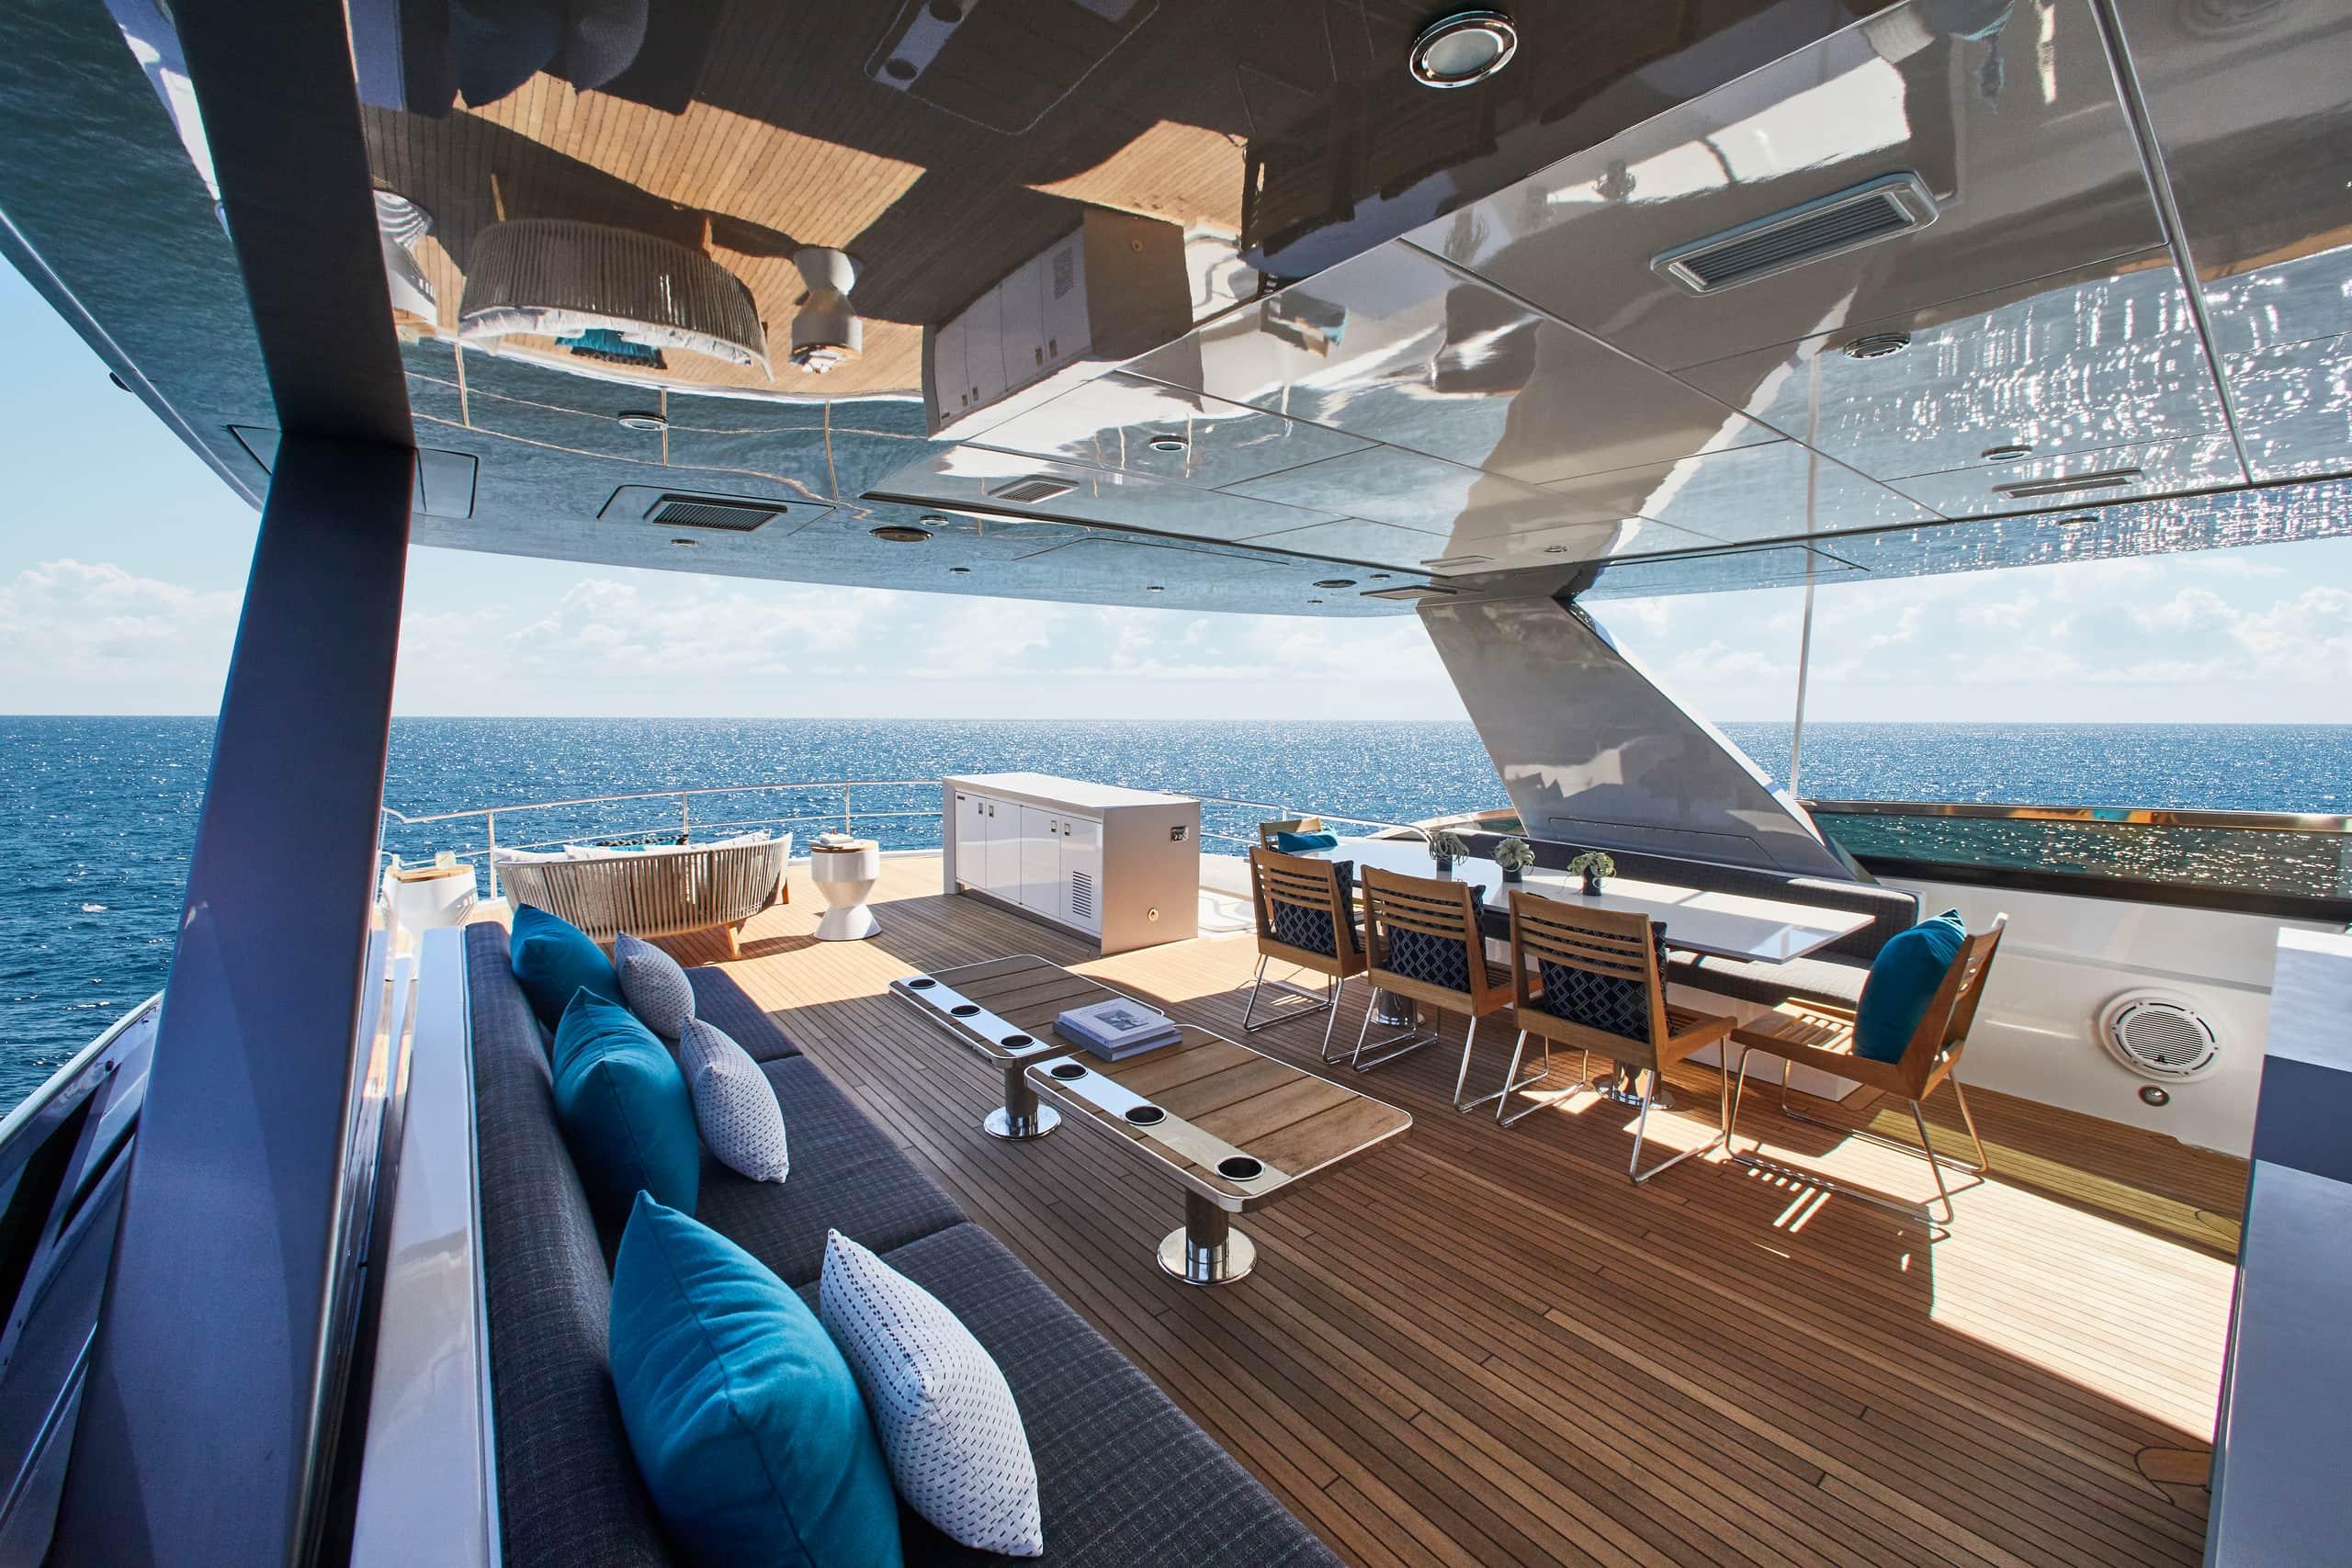 Hatteras M90 Panacera Top Deck Full Aft